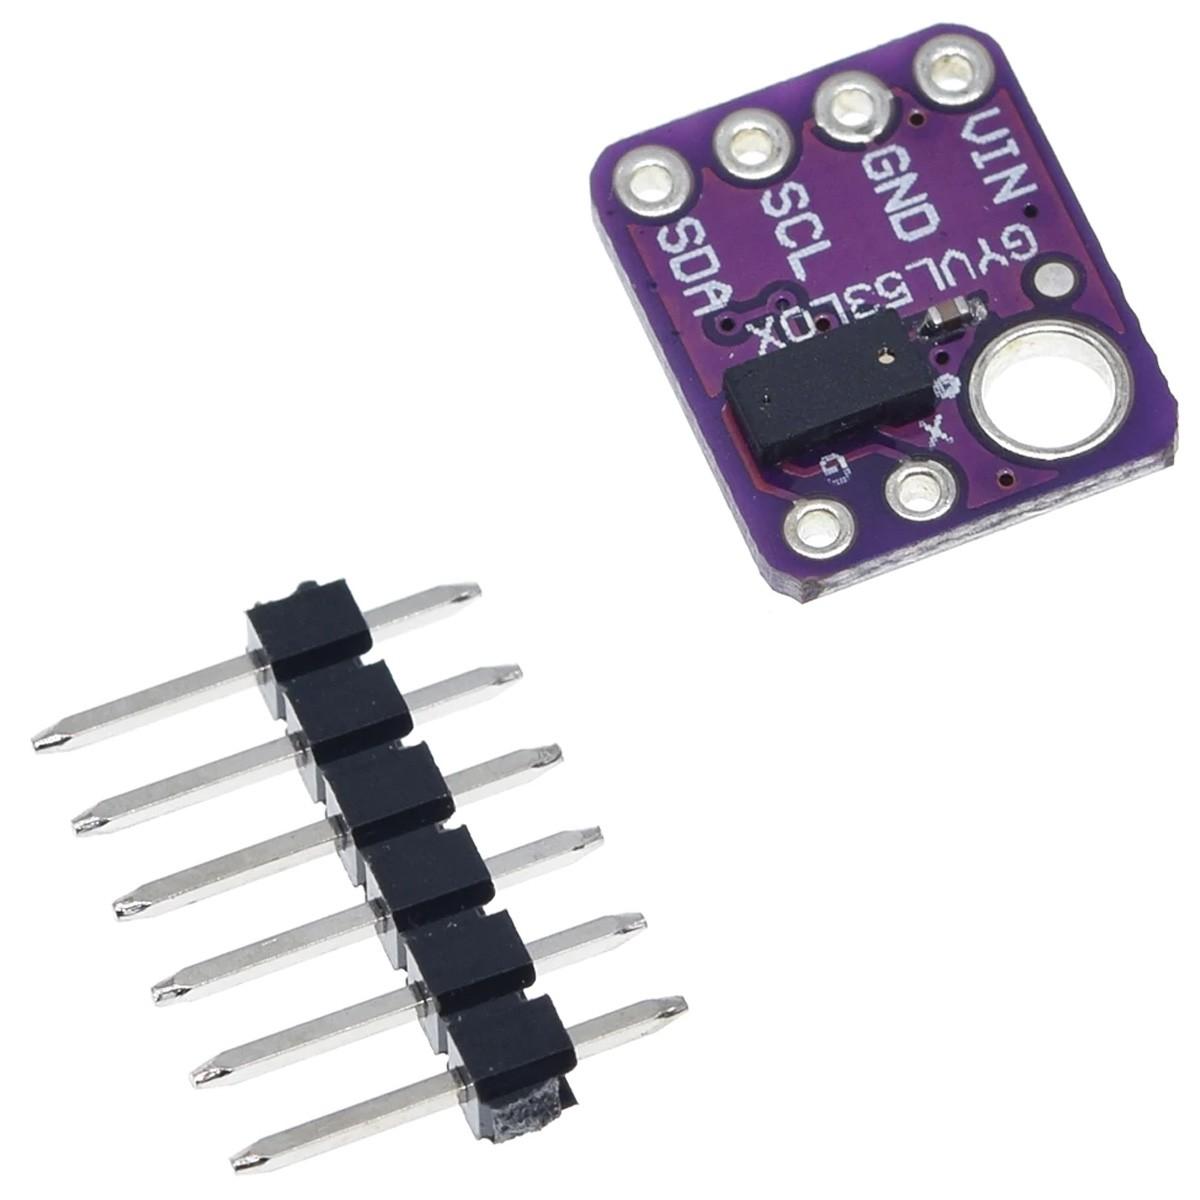 Módulo Sensor de distância Laser VL53L0X - Sensor de Proximidade GY530